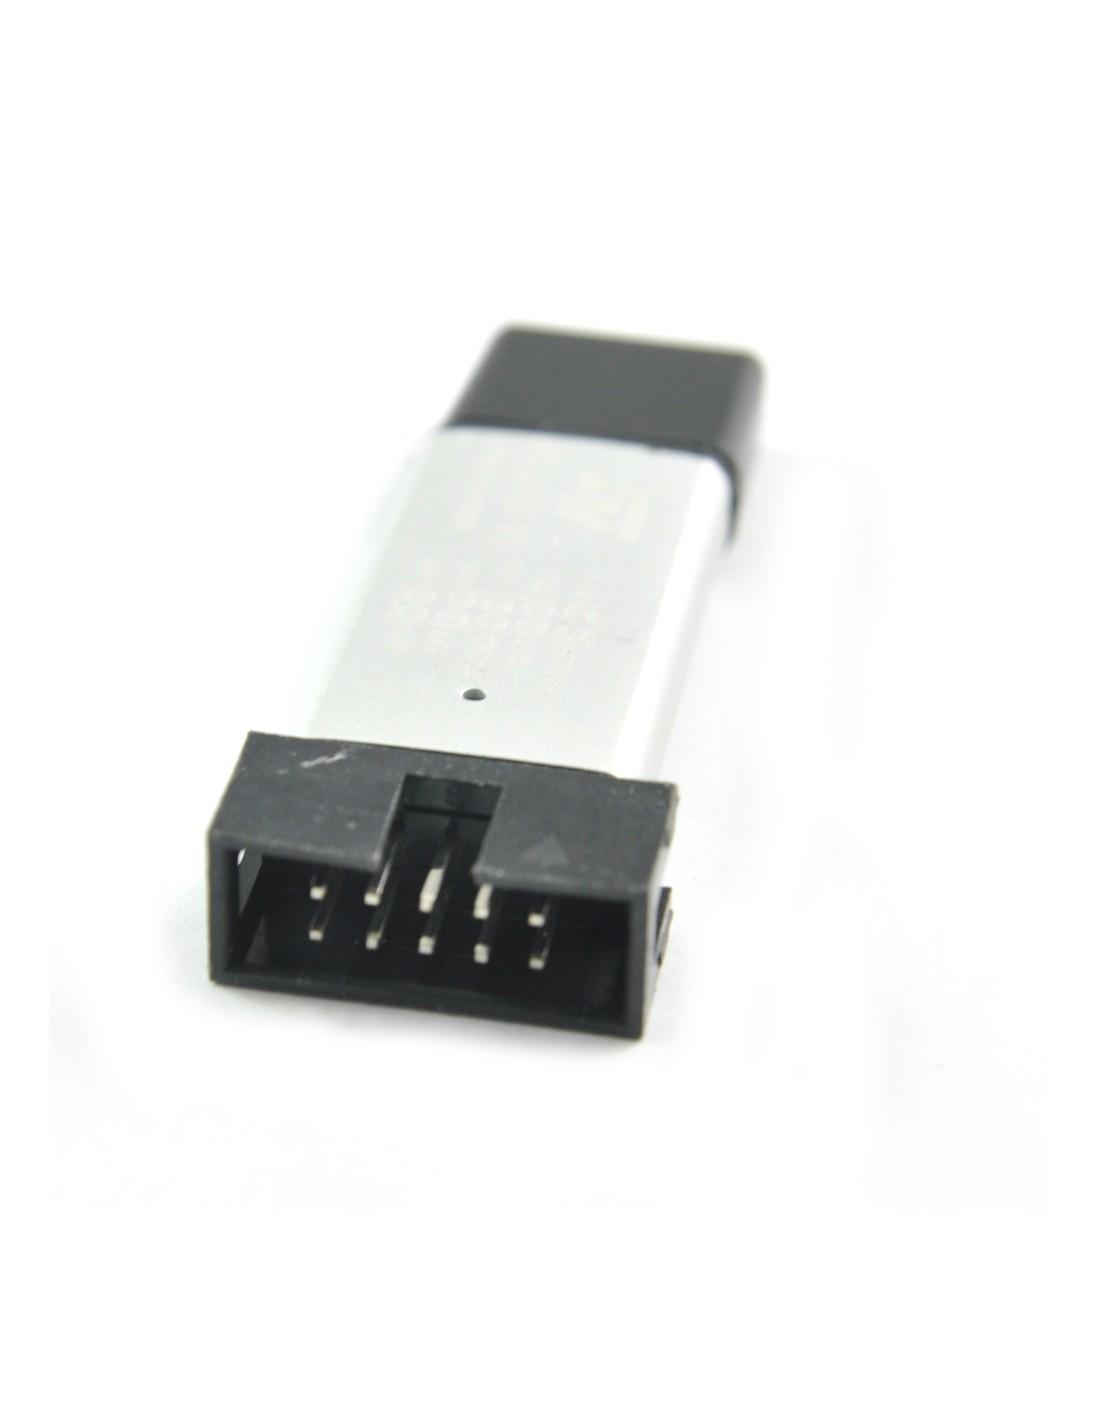 ST-Link V2 Compatible programmer- Mini Emulator Downloader